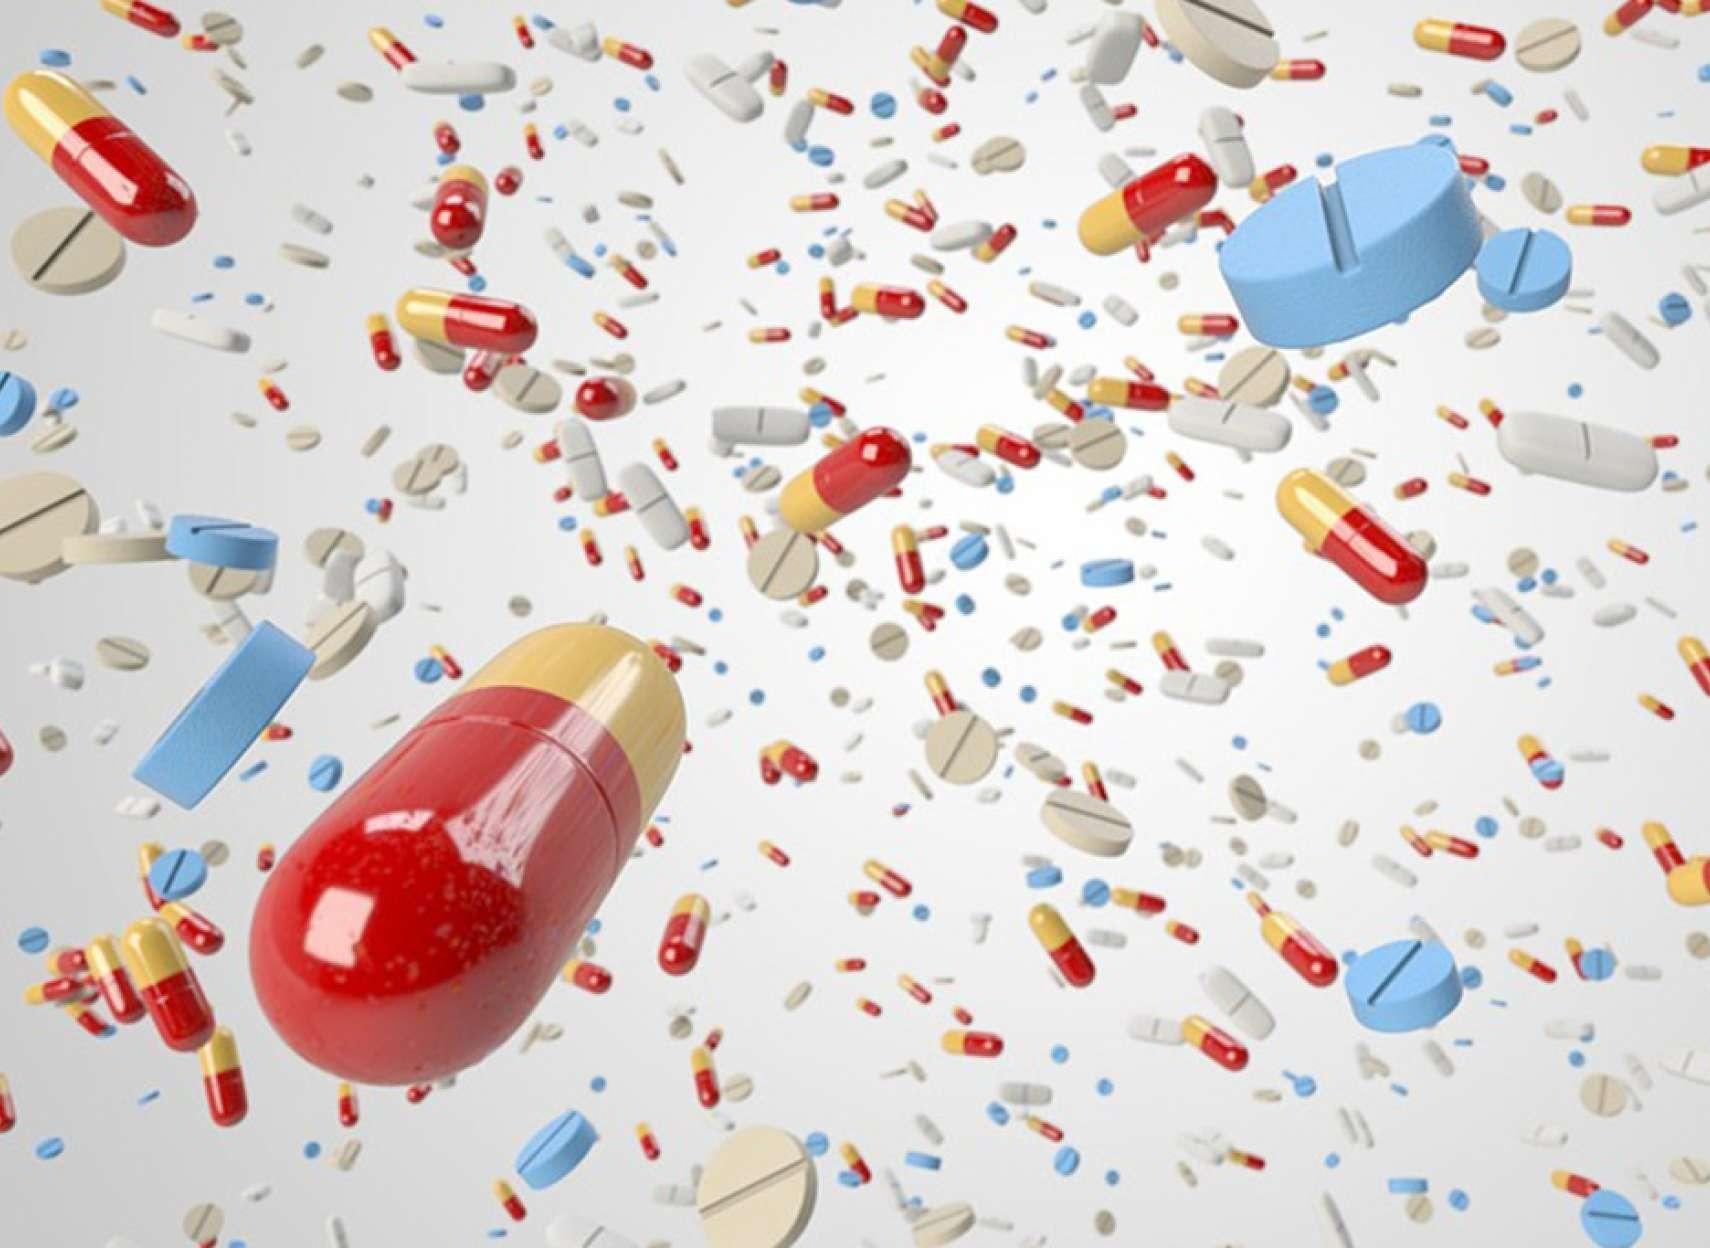 health-medical-antibiotic-ayandeh